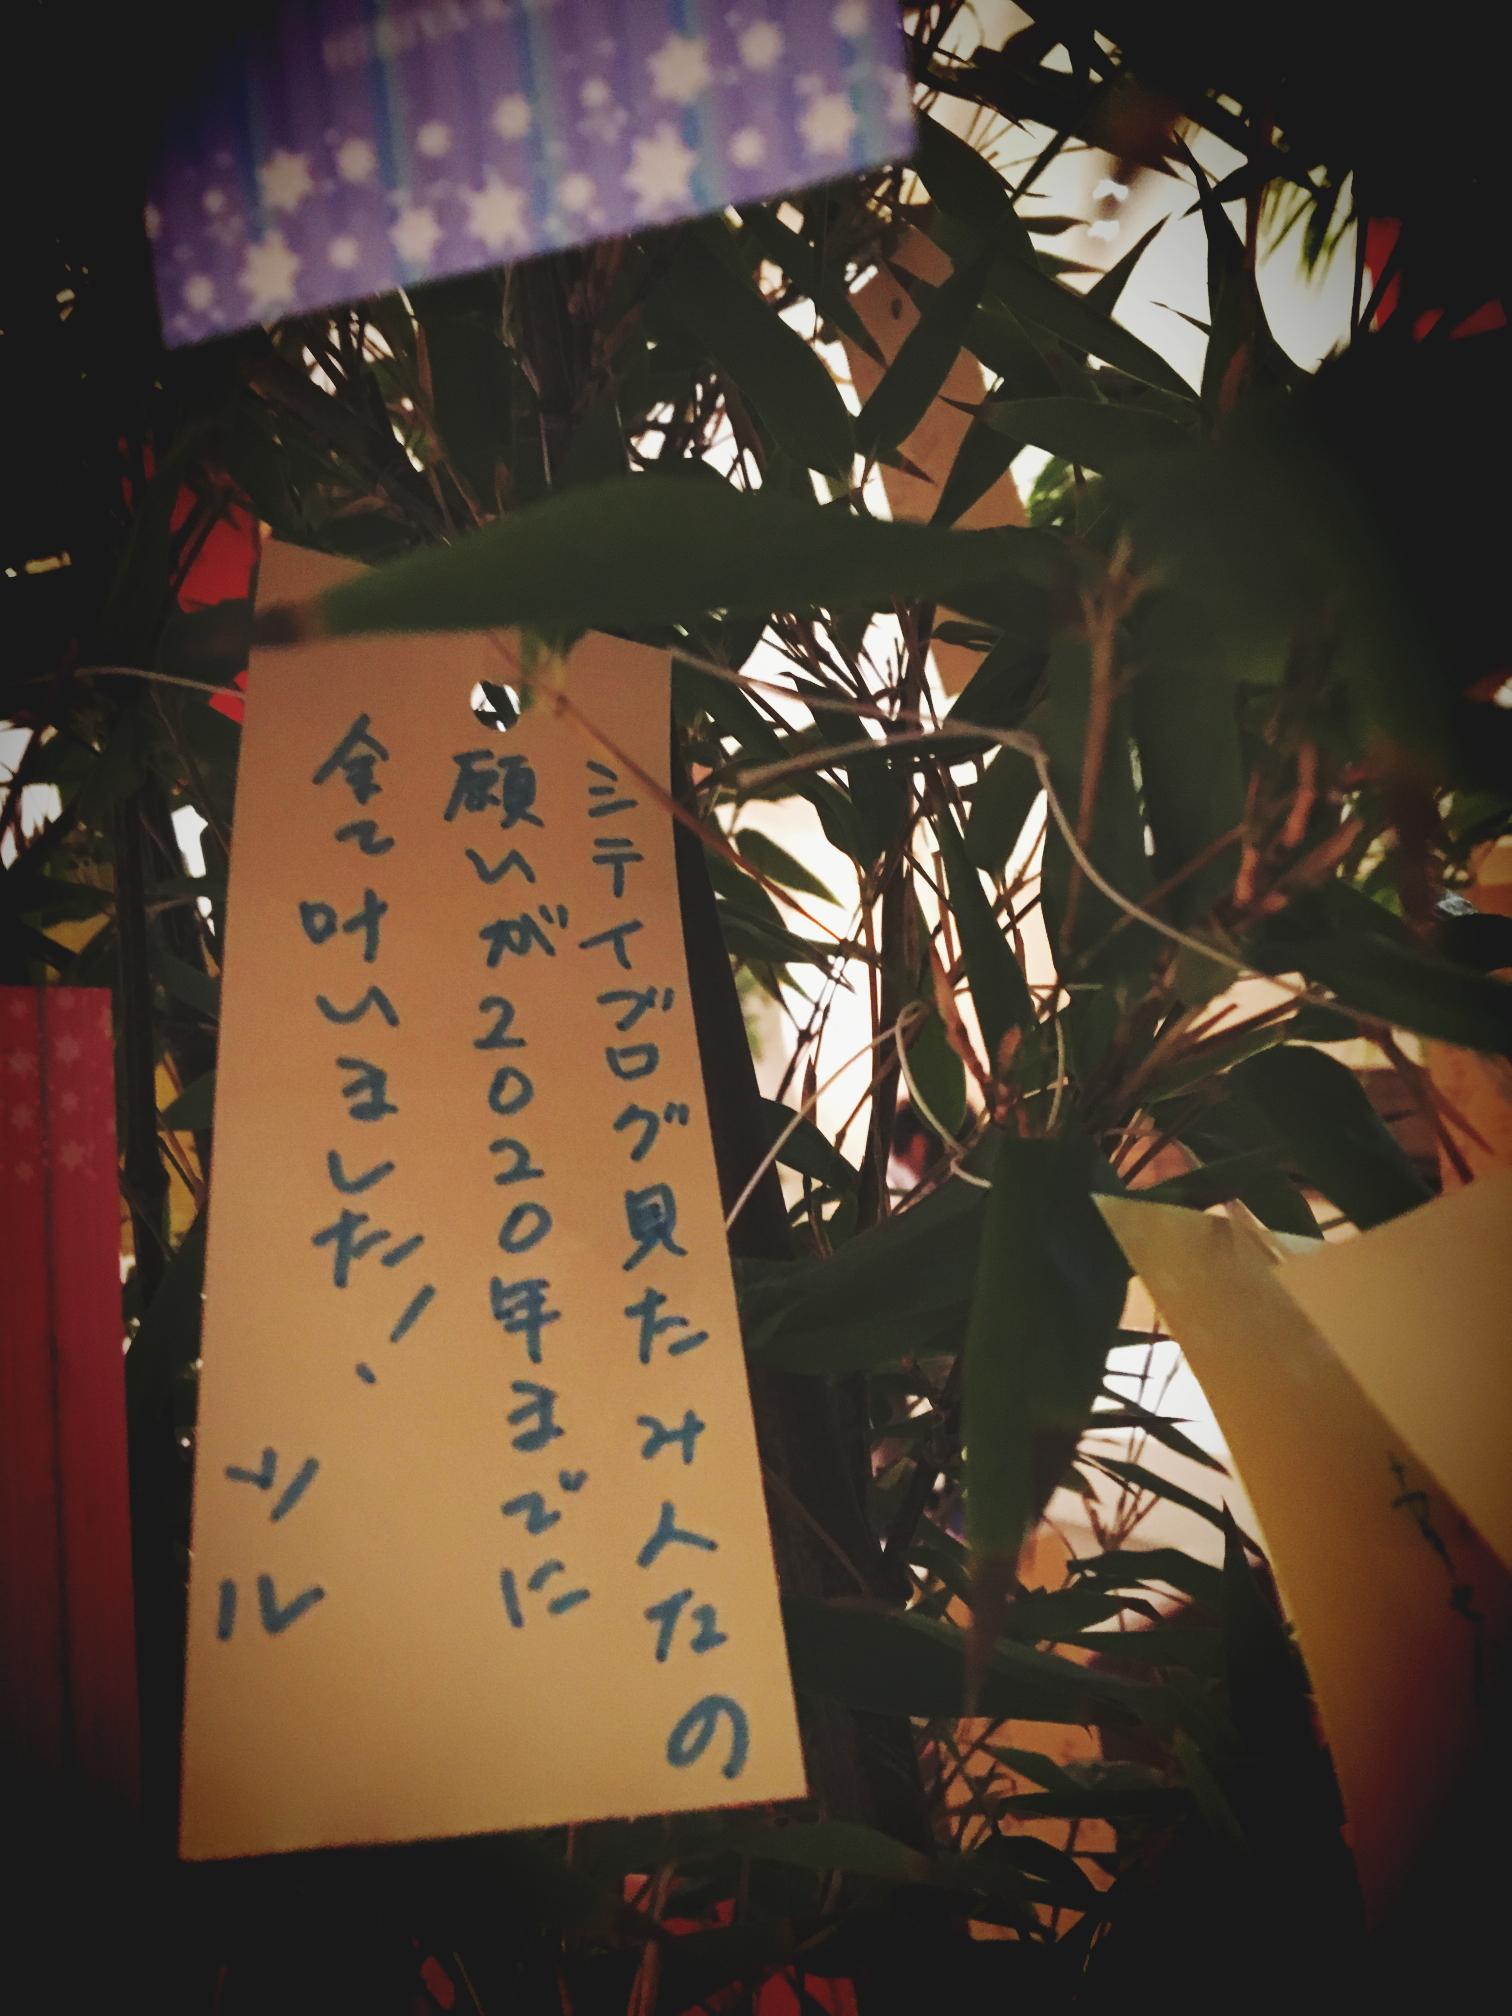 七夕の願い事〜願い事が絶対叶うお願いの法則〜